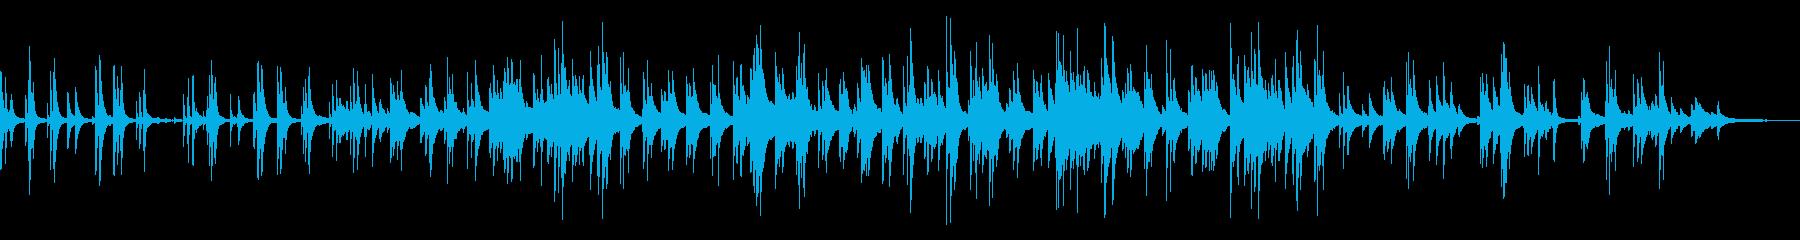 讃美歌・アメイジンググレイス・ピアノソロの再生済みの波形